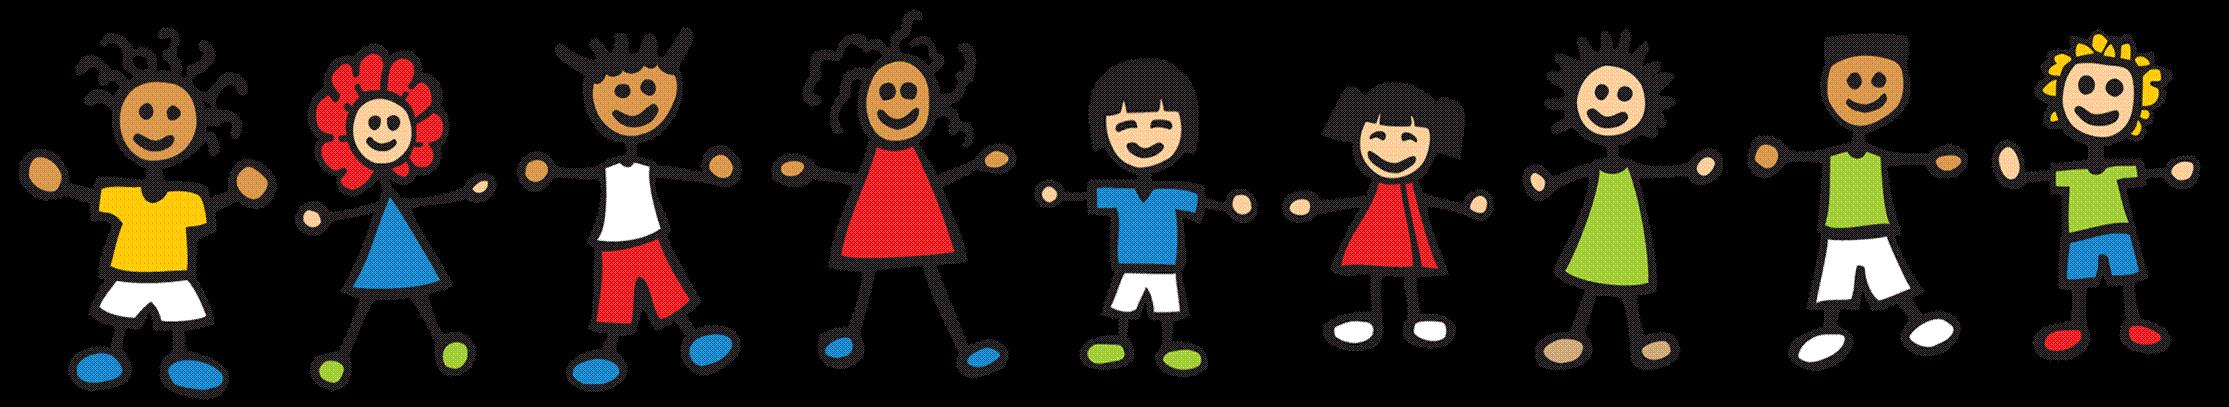 preschool-children-playing-clip-art